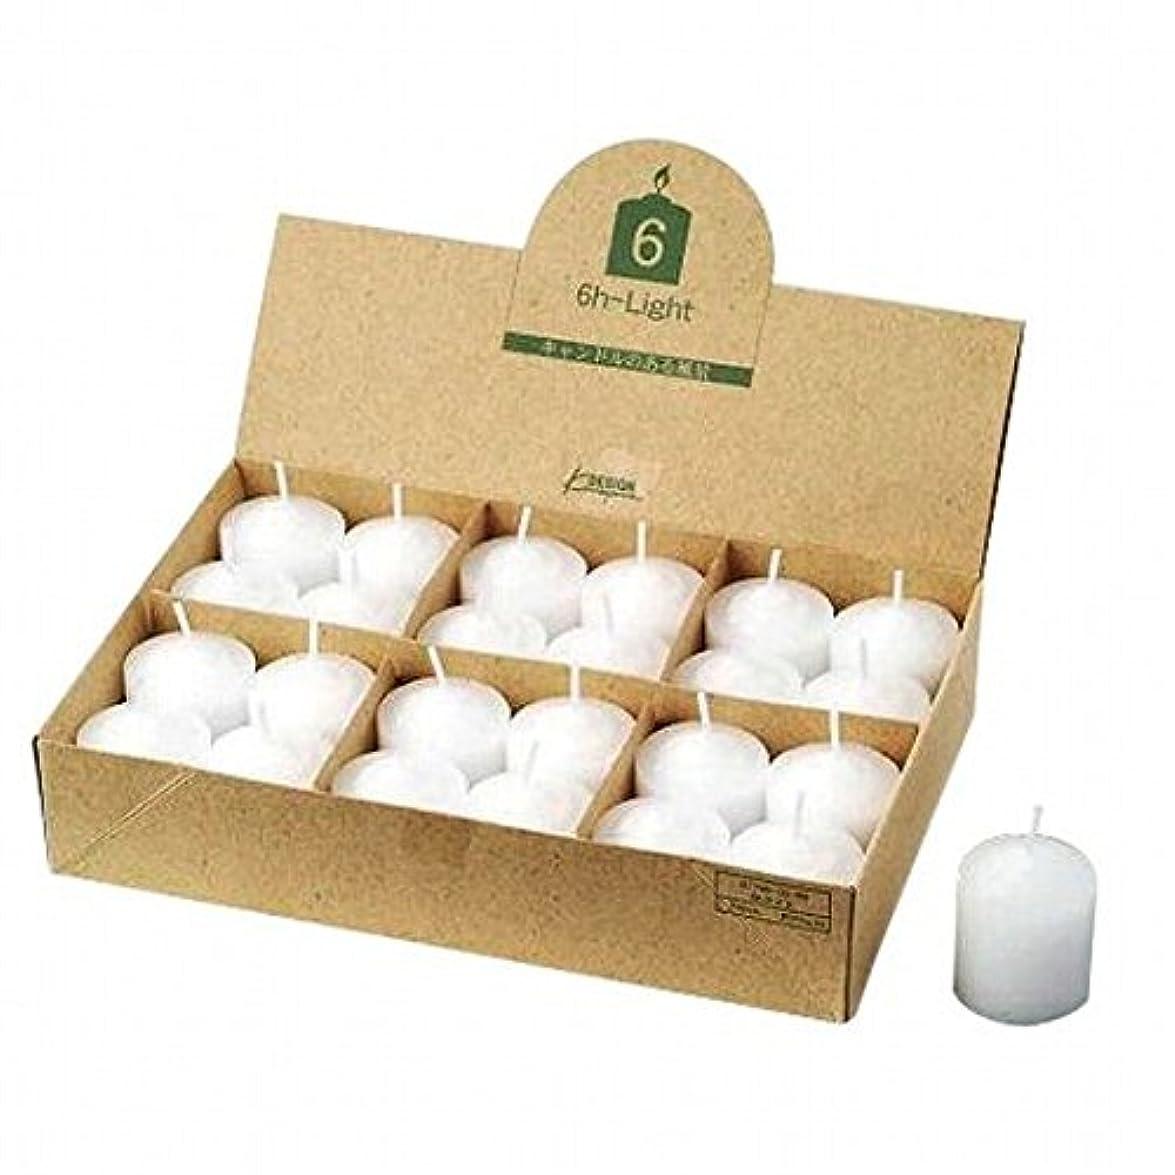 物足りない泣き叫ぶ習慣kameyama candle(カメヤマキャンドル) 6Hライト(6時間タイプ)24個入り(日本製)(77960099)